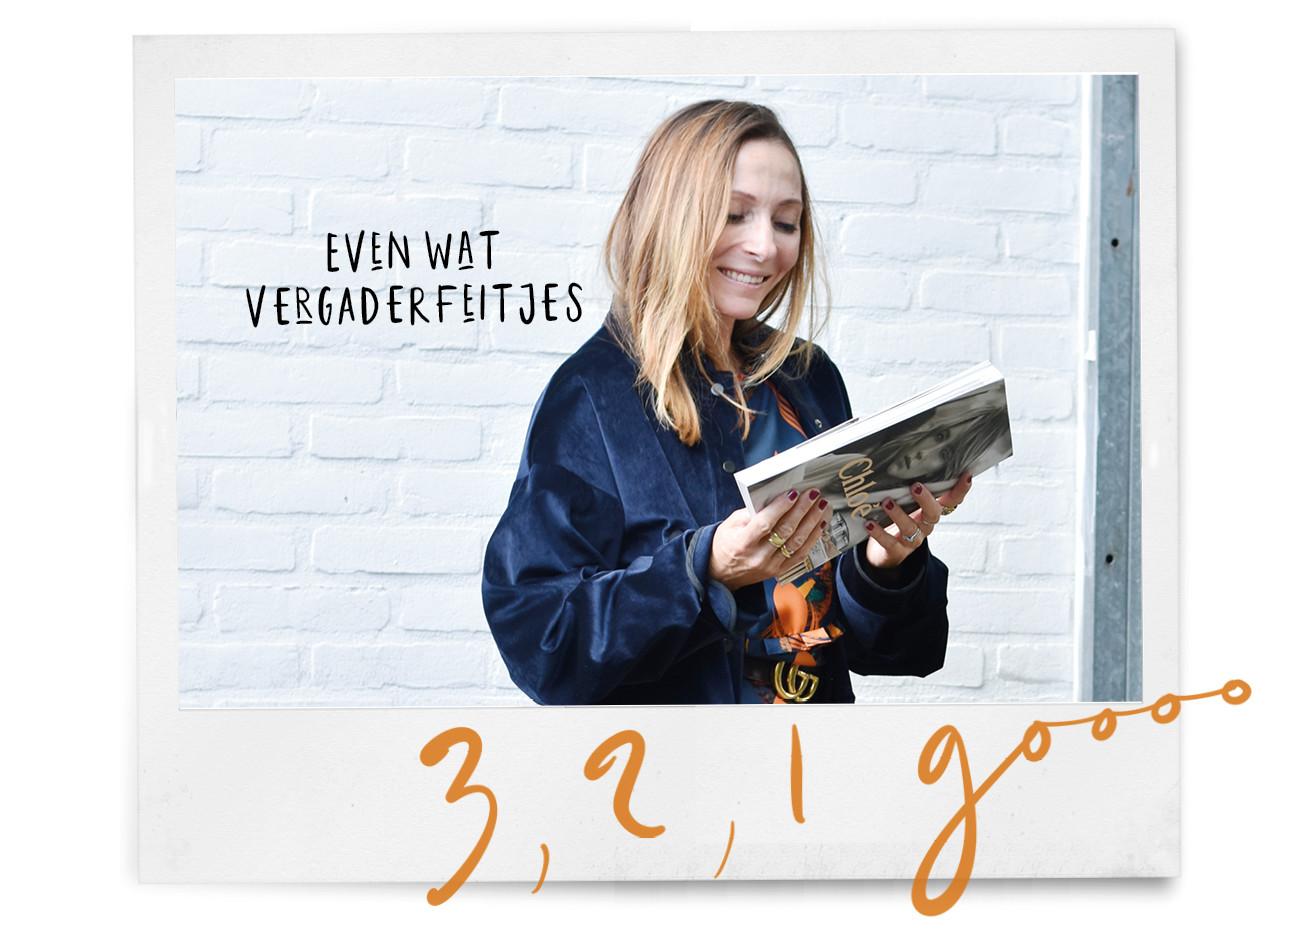 May lachend naar Amayzine magazine lachend buiten